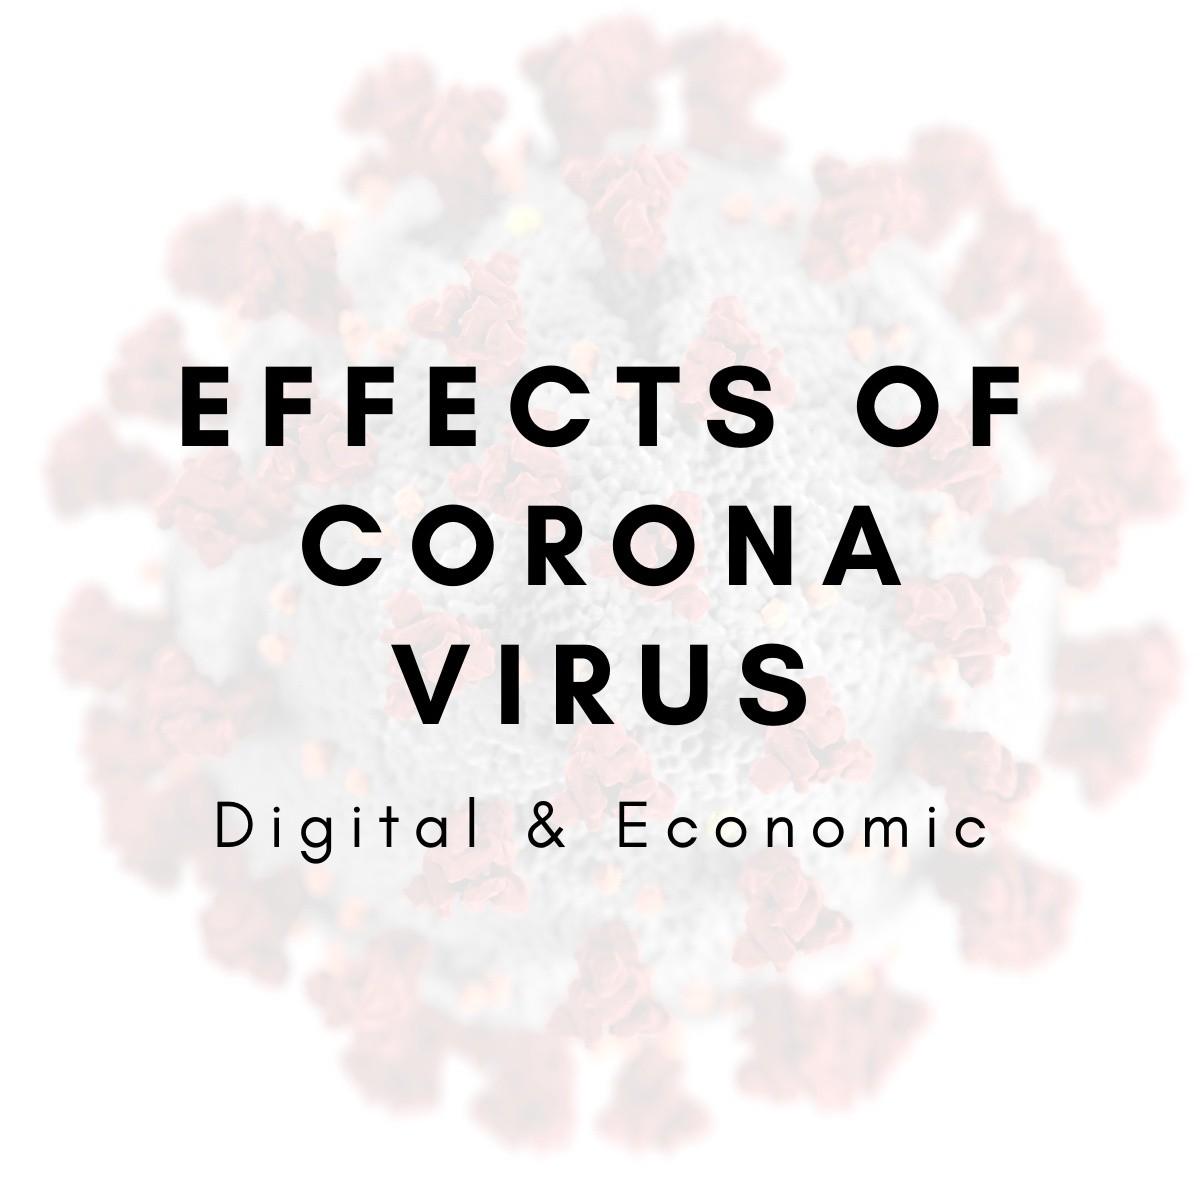 effects of corona virus